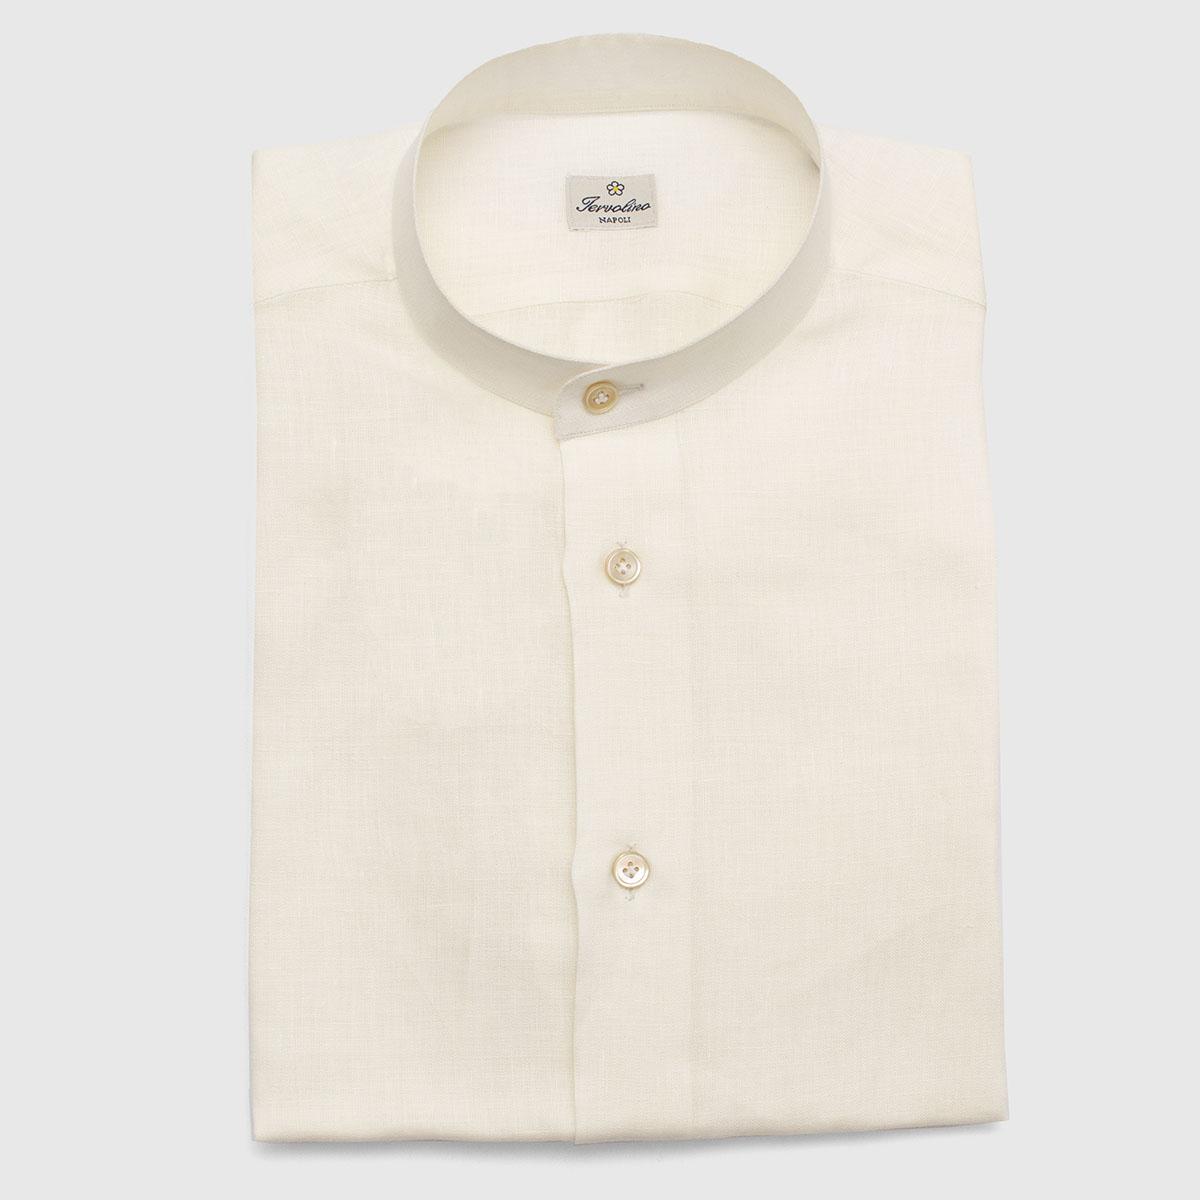 Off-white Linen shirt 6 handmade steps